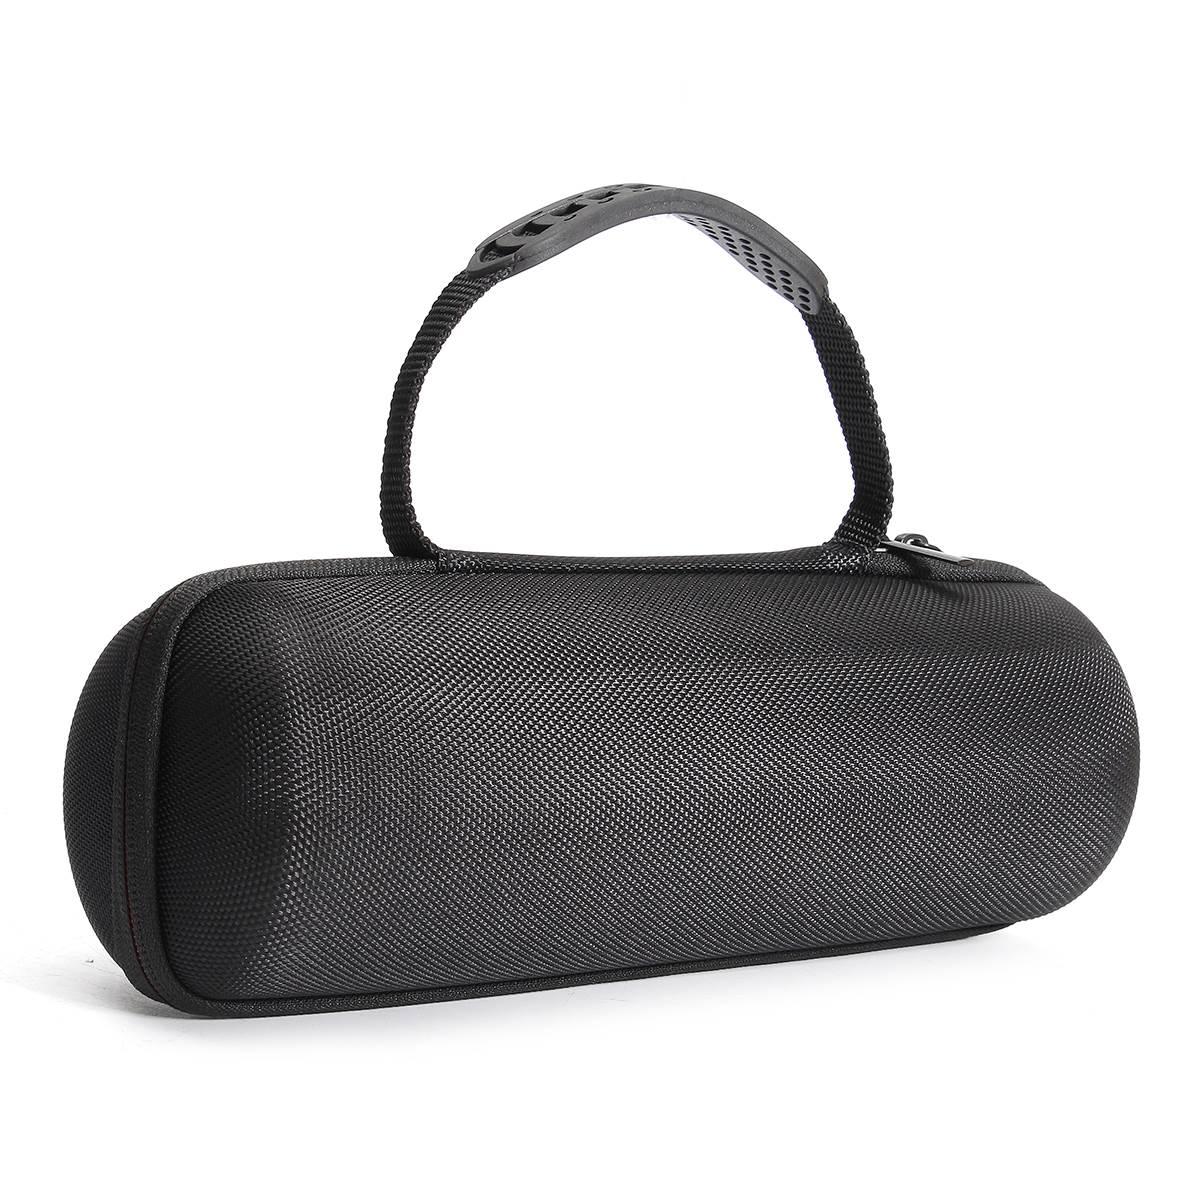 Meilleur Portable Dur Carry Sac Boîte De Protection Cas de Couverture Pour JBL Charge 3 Bluetooth Haut-Parleur Housse